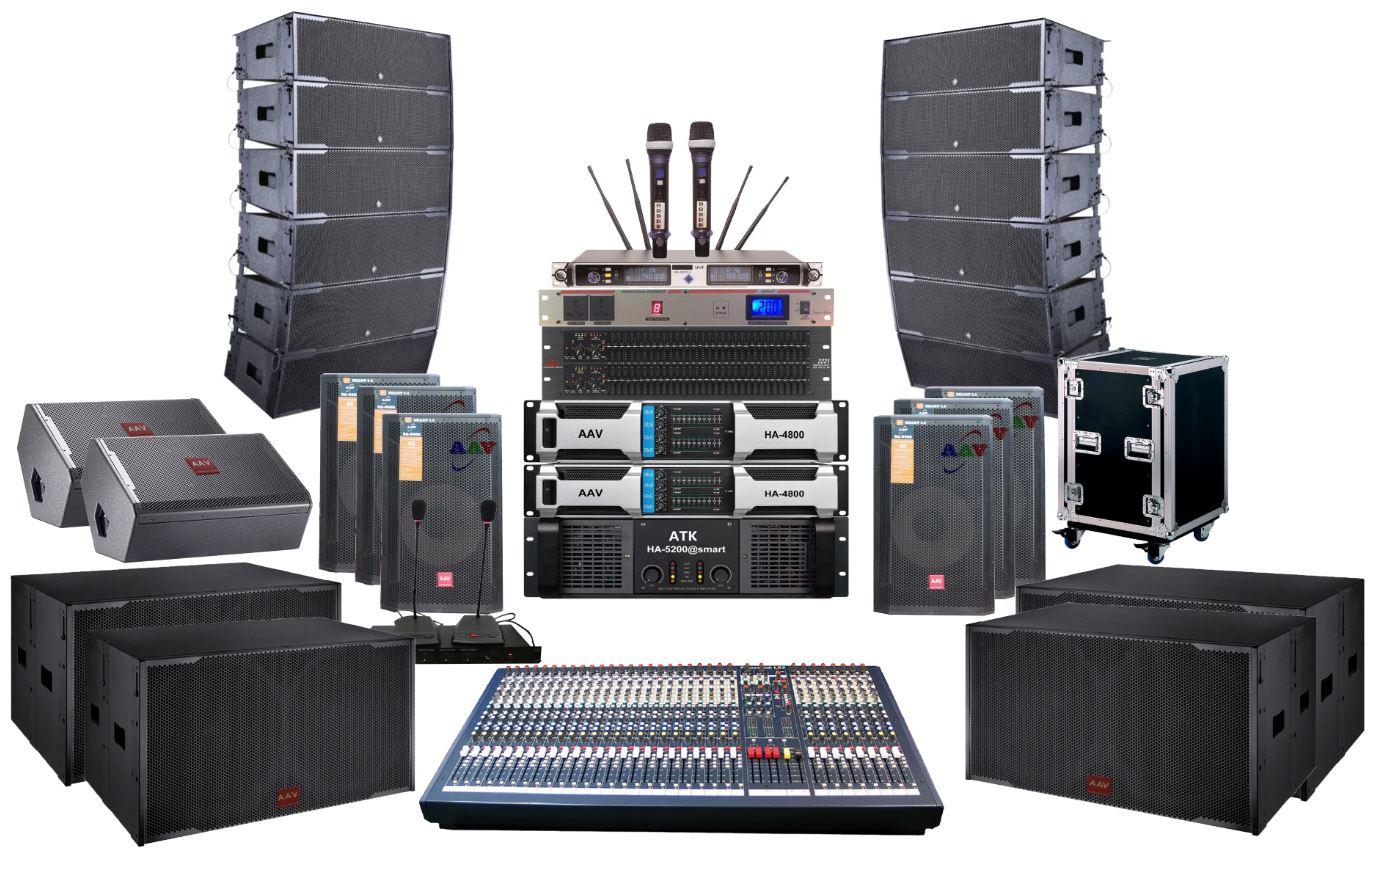 Hệ thống âm thanh nhà văn hóa tỉnh ủy chuyên nghiệp, hiện đại, chất lượng cao - sử dụng loa Line array